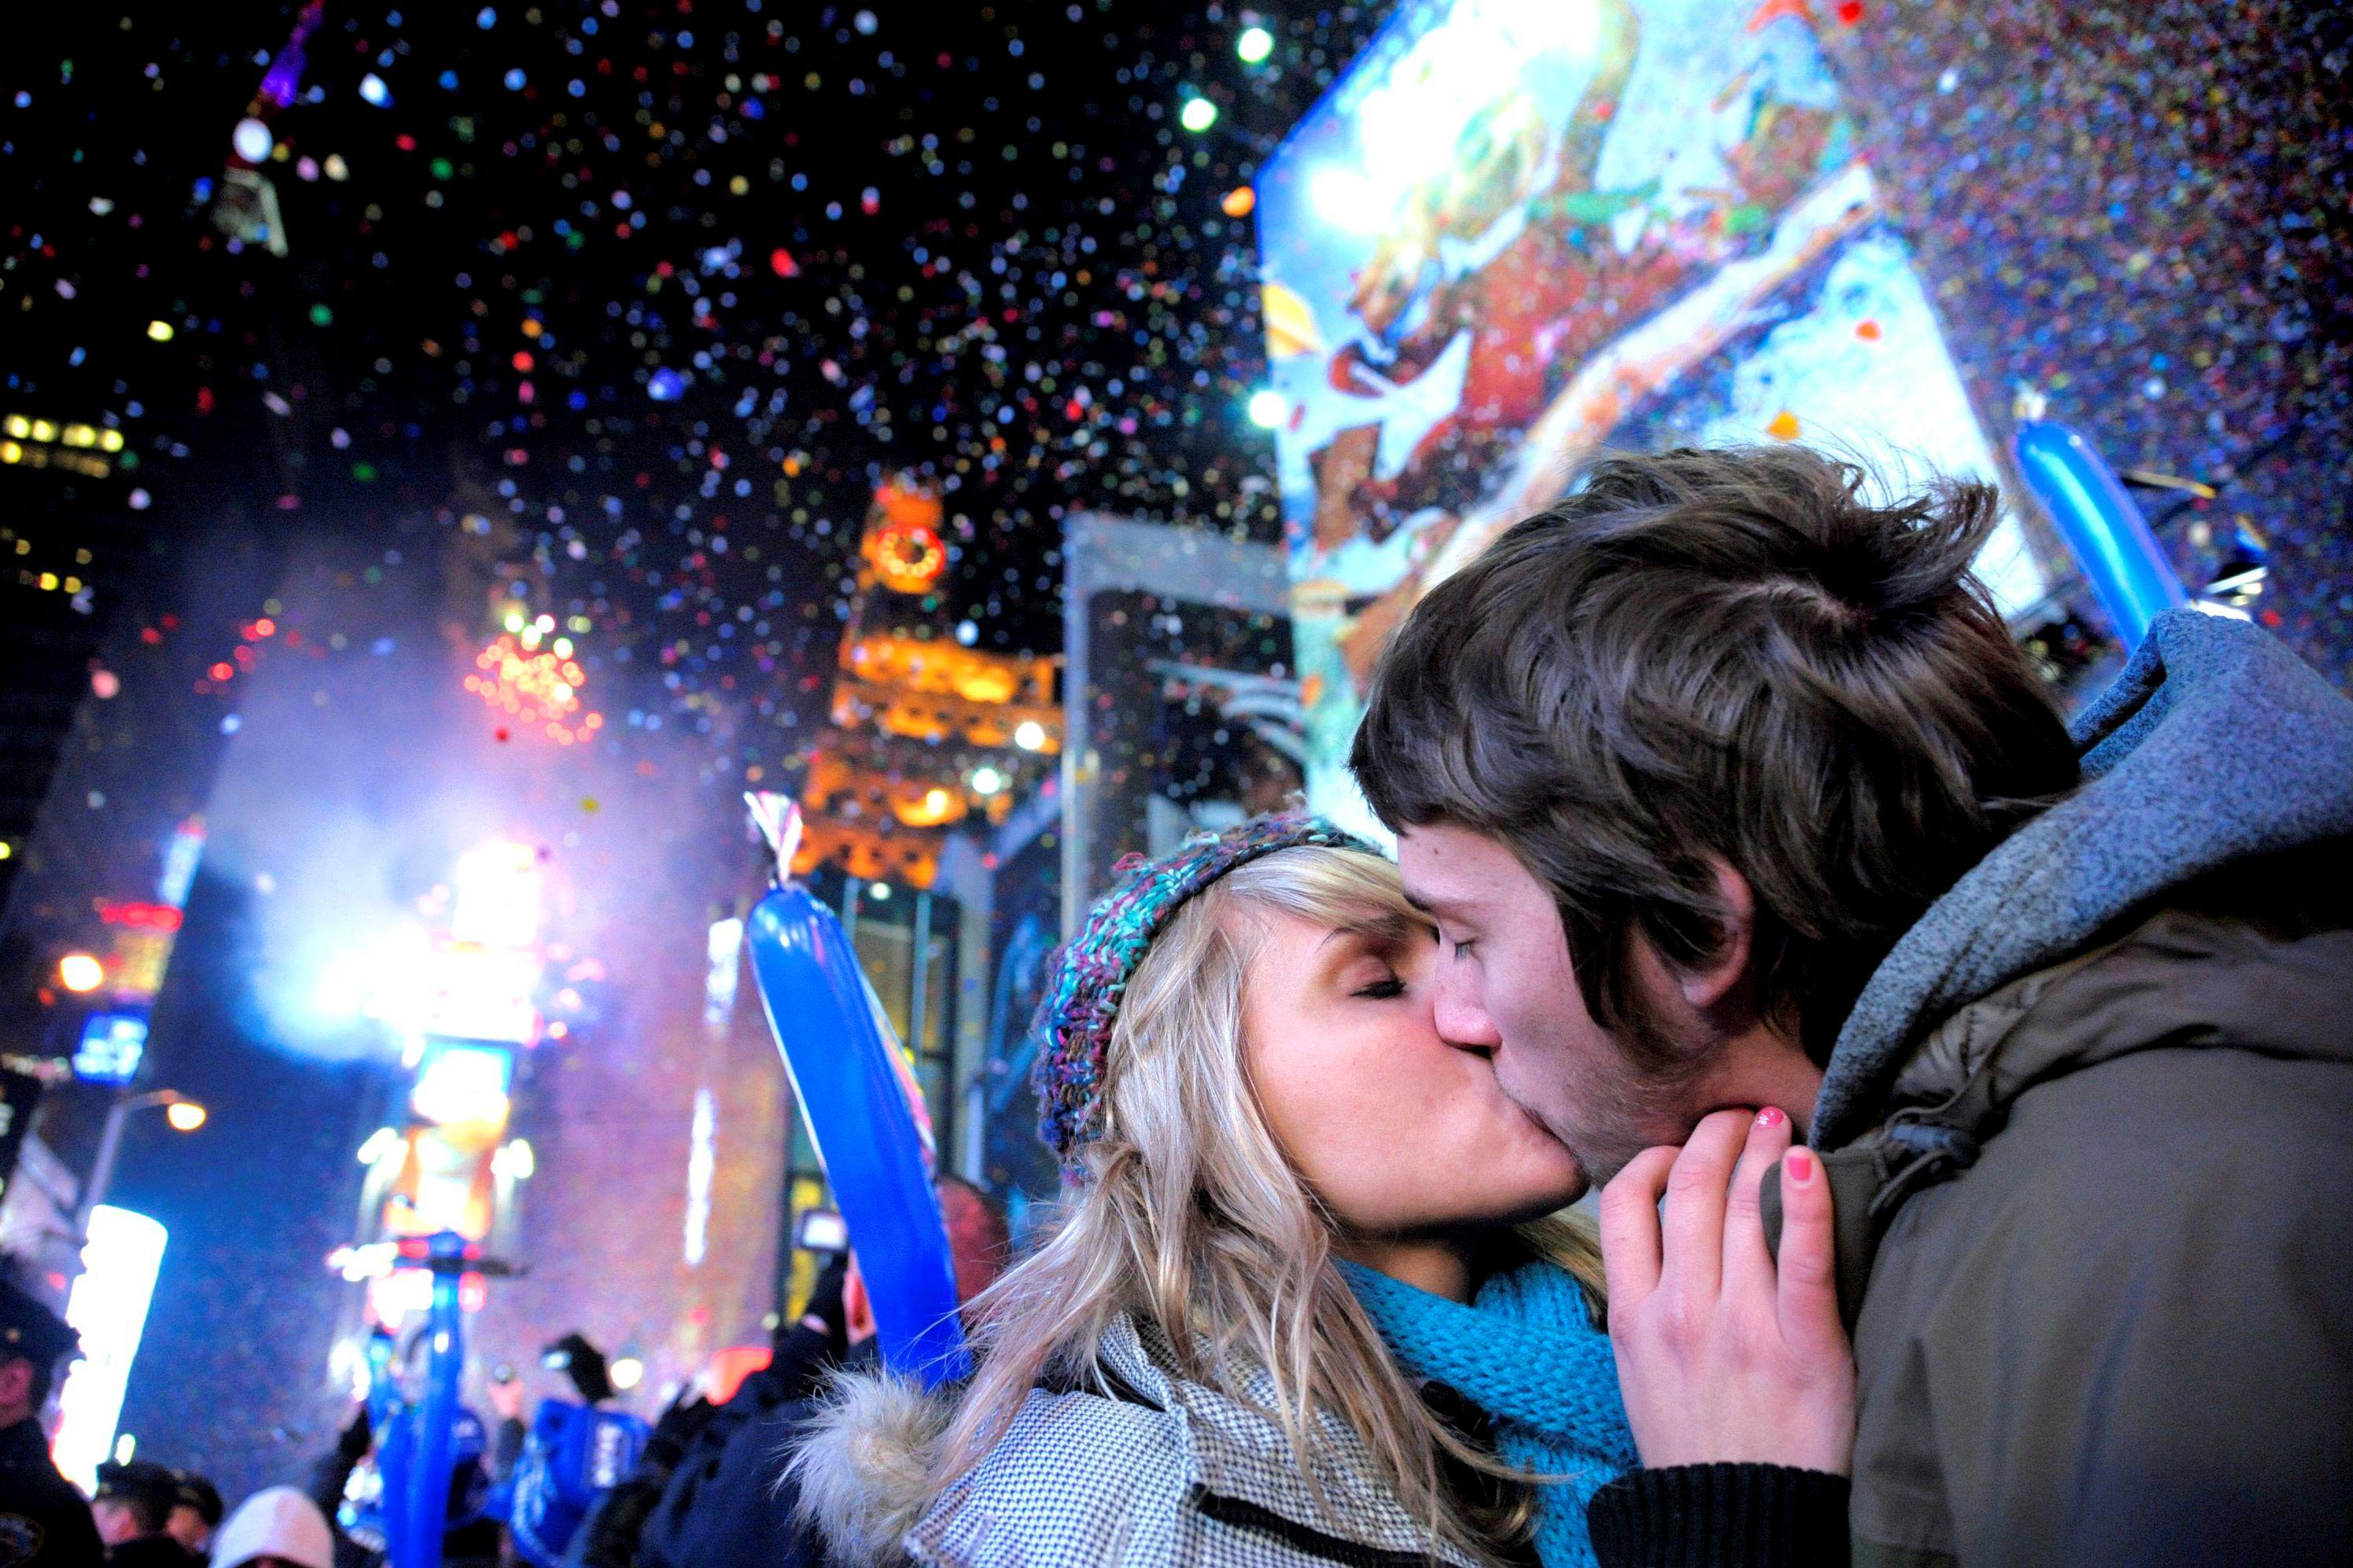 Тебе я хочу в новый год пожелать